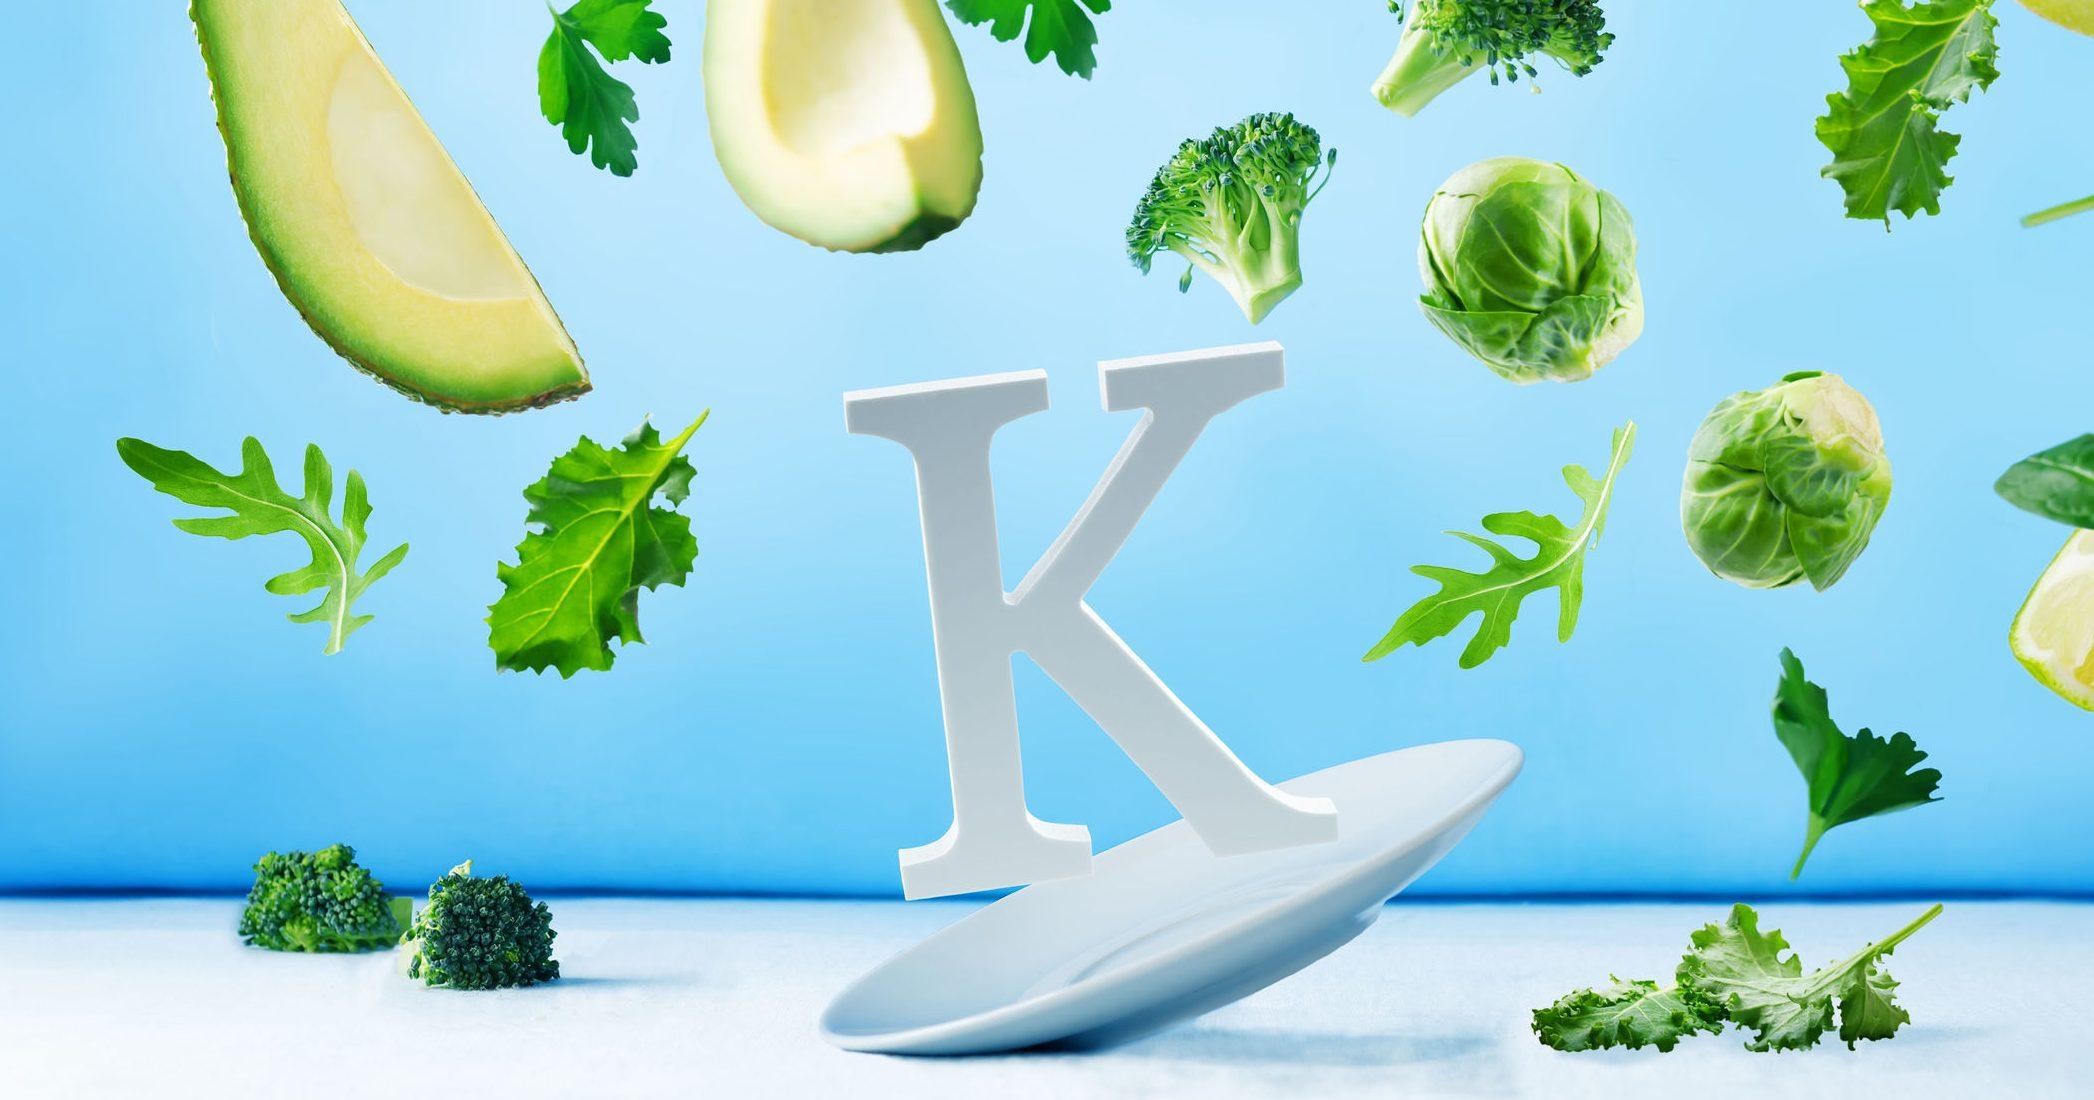 alimentos verdes ricos em vitamina k